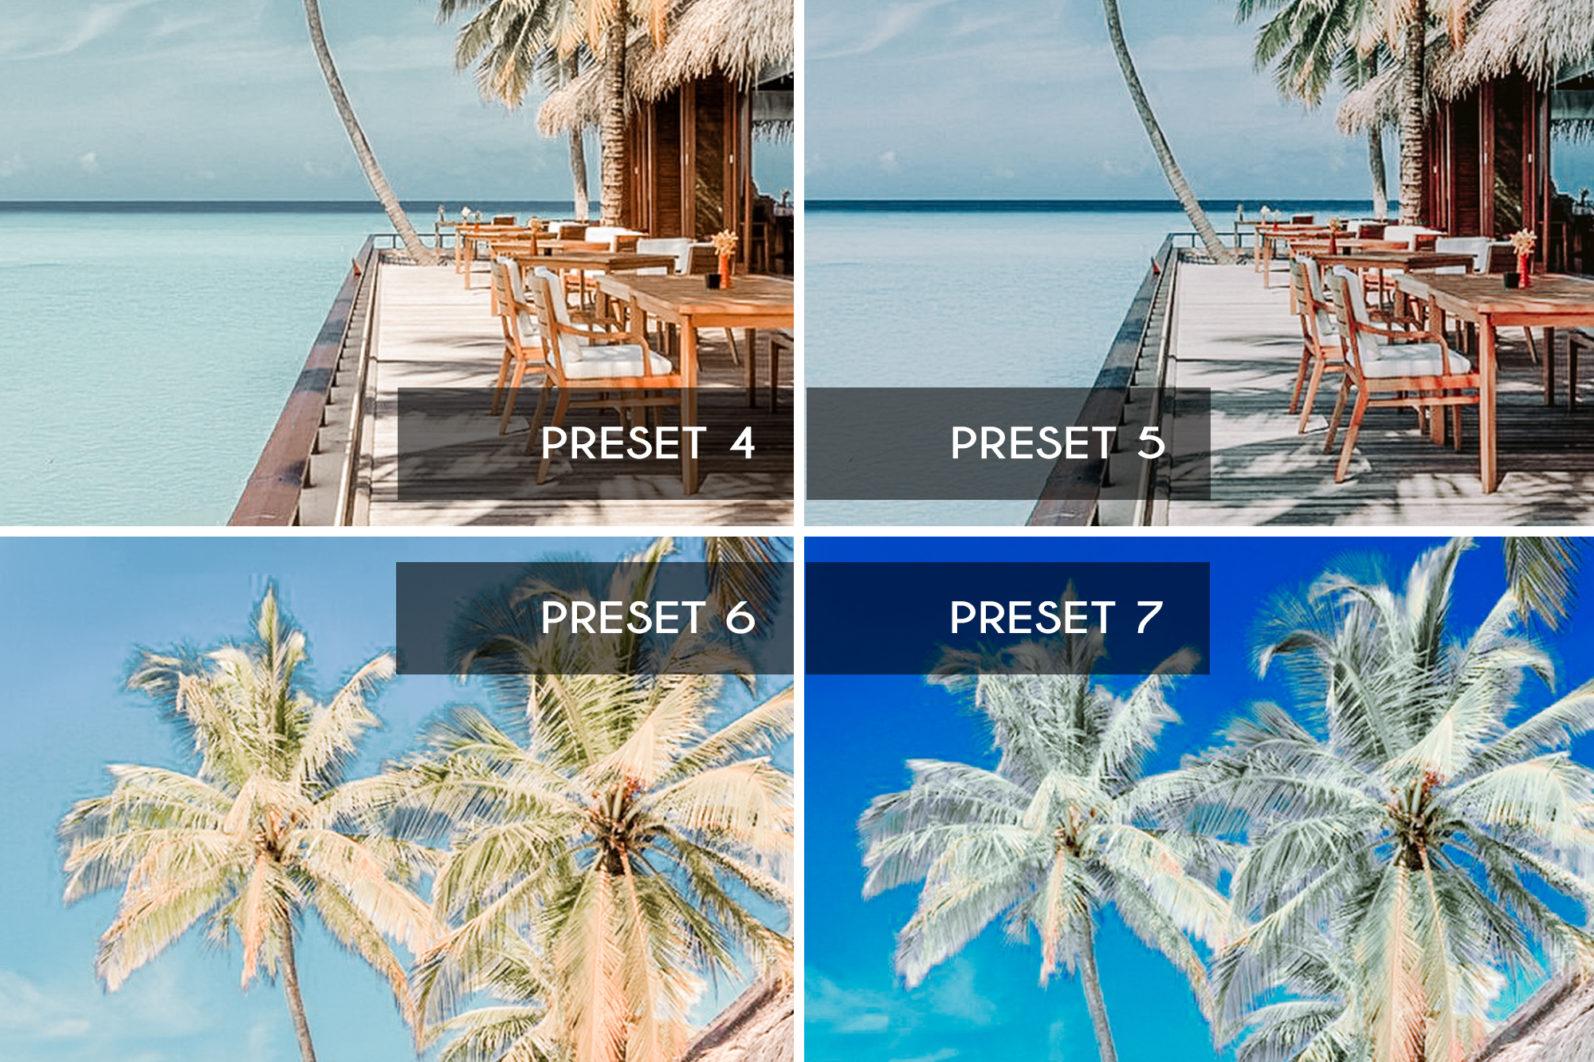 7 Mobile & Desktop Lightroom Presets BAHAMAS - bahamas mobile lightroom presets page5 scaled -